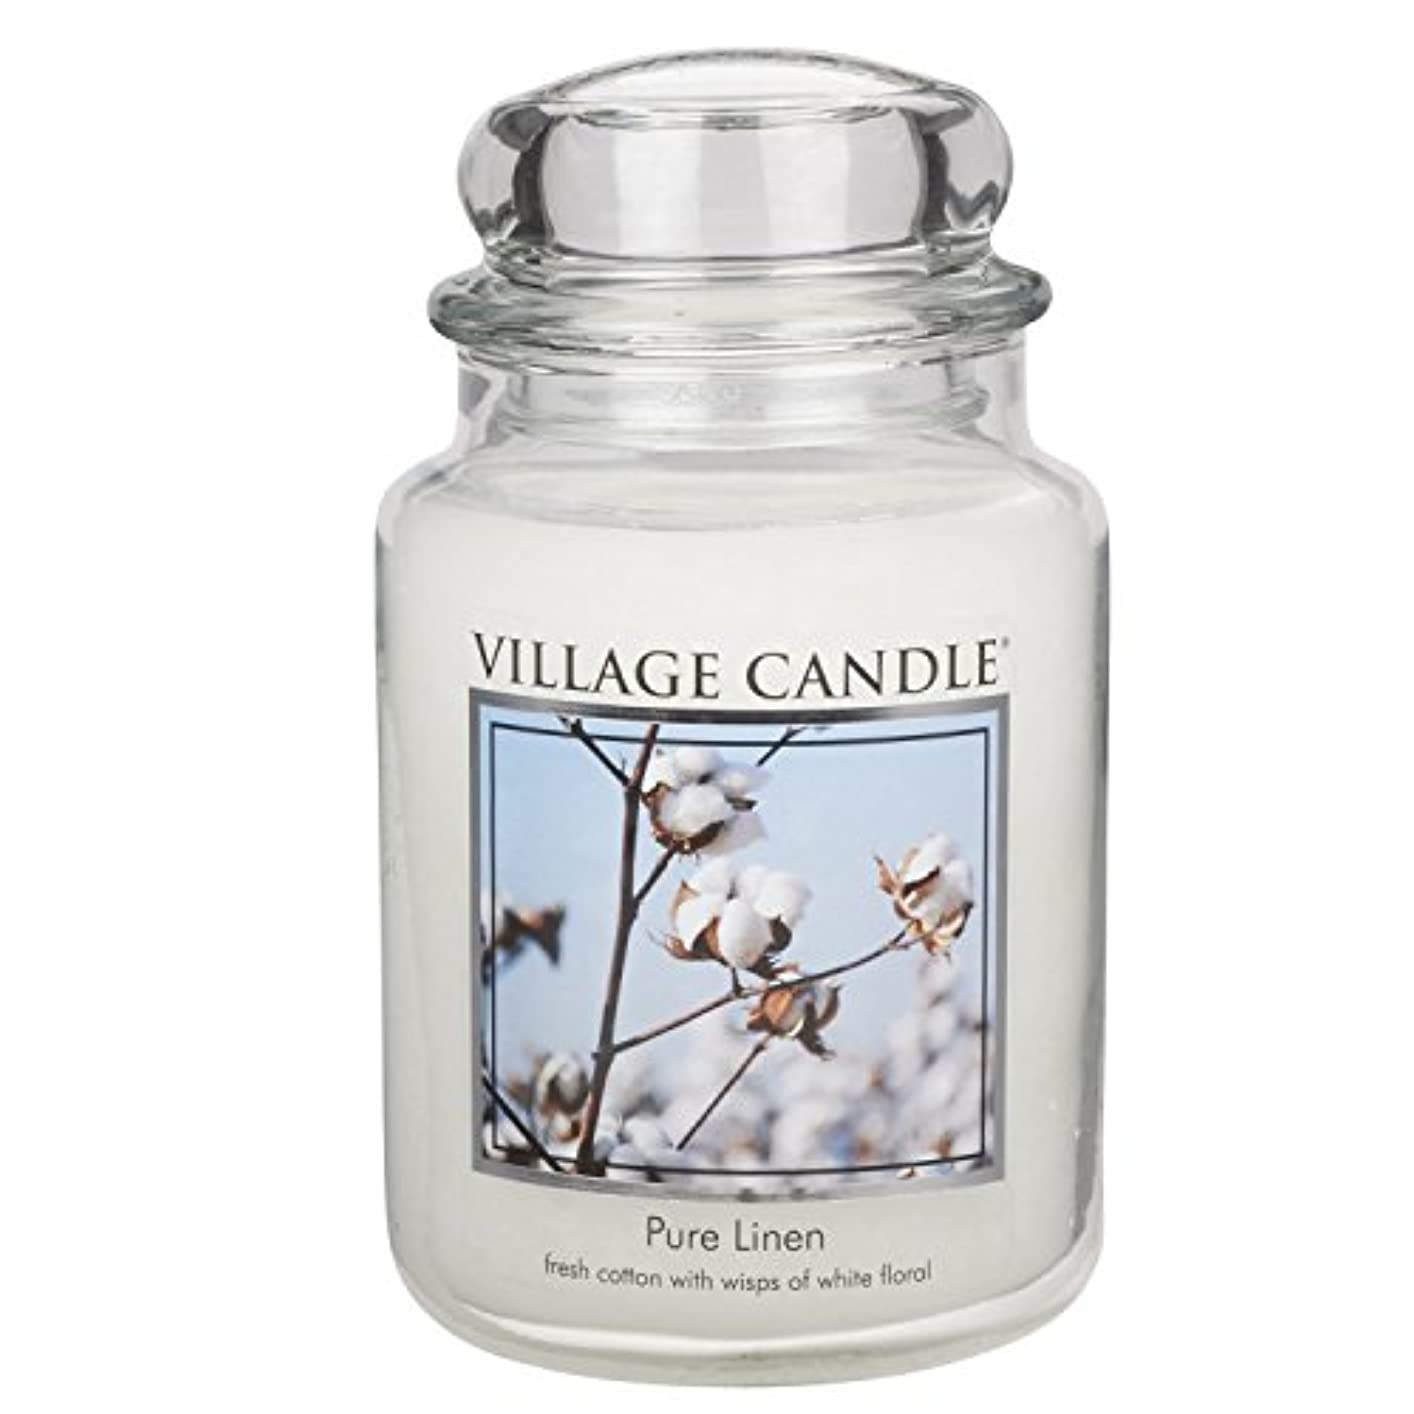 呪い膨張する病弱Village Candle Large Fragranced Candle Jar - 17cm x 10cm - 26oz (1219g)- Pure Linen - upto 170 hours burn time...